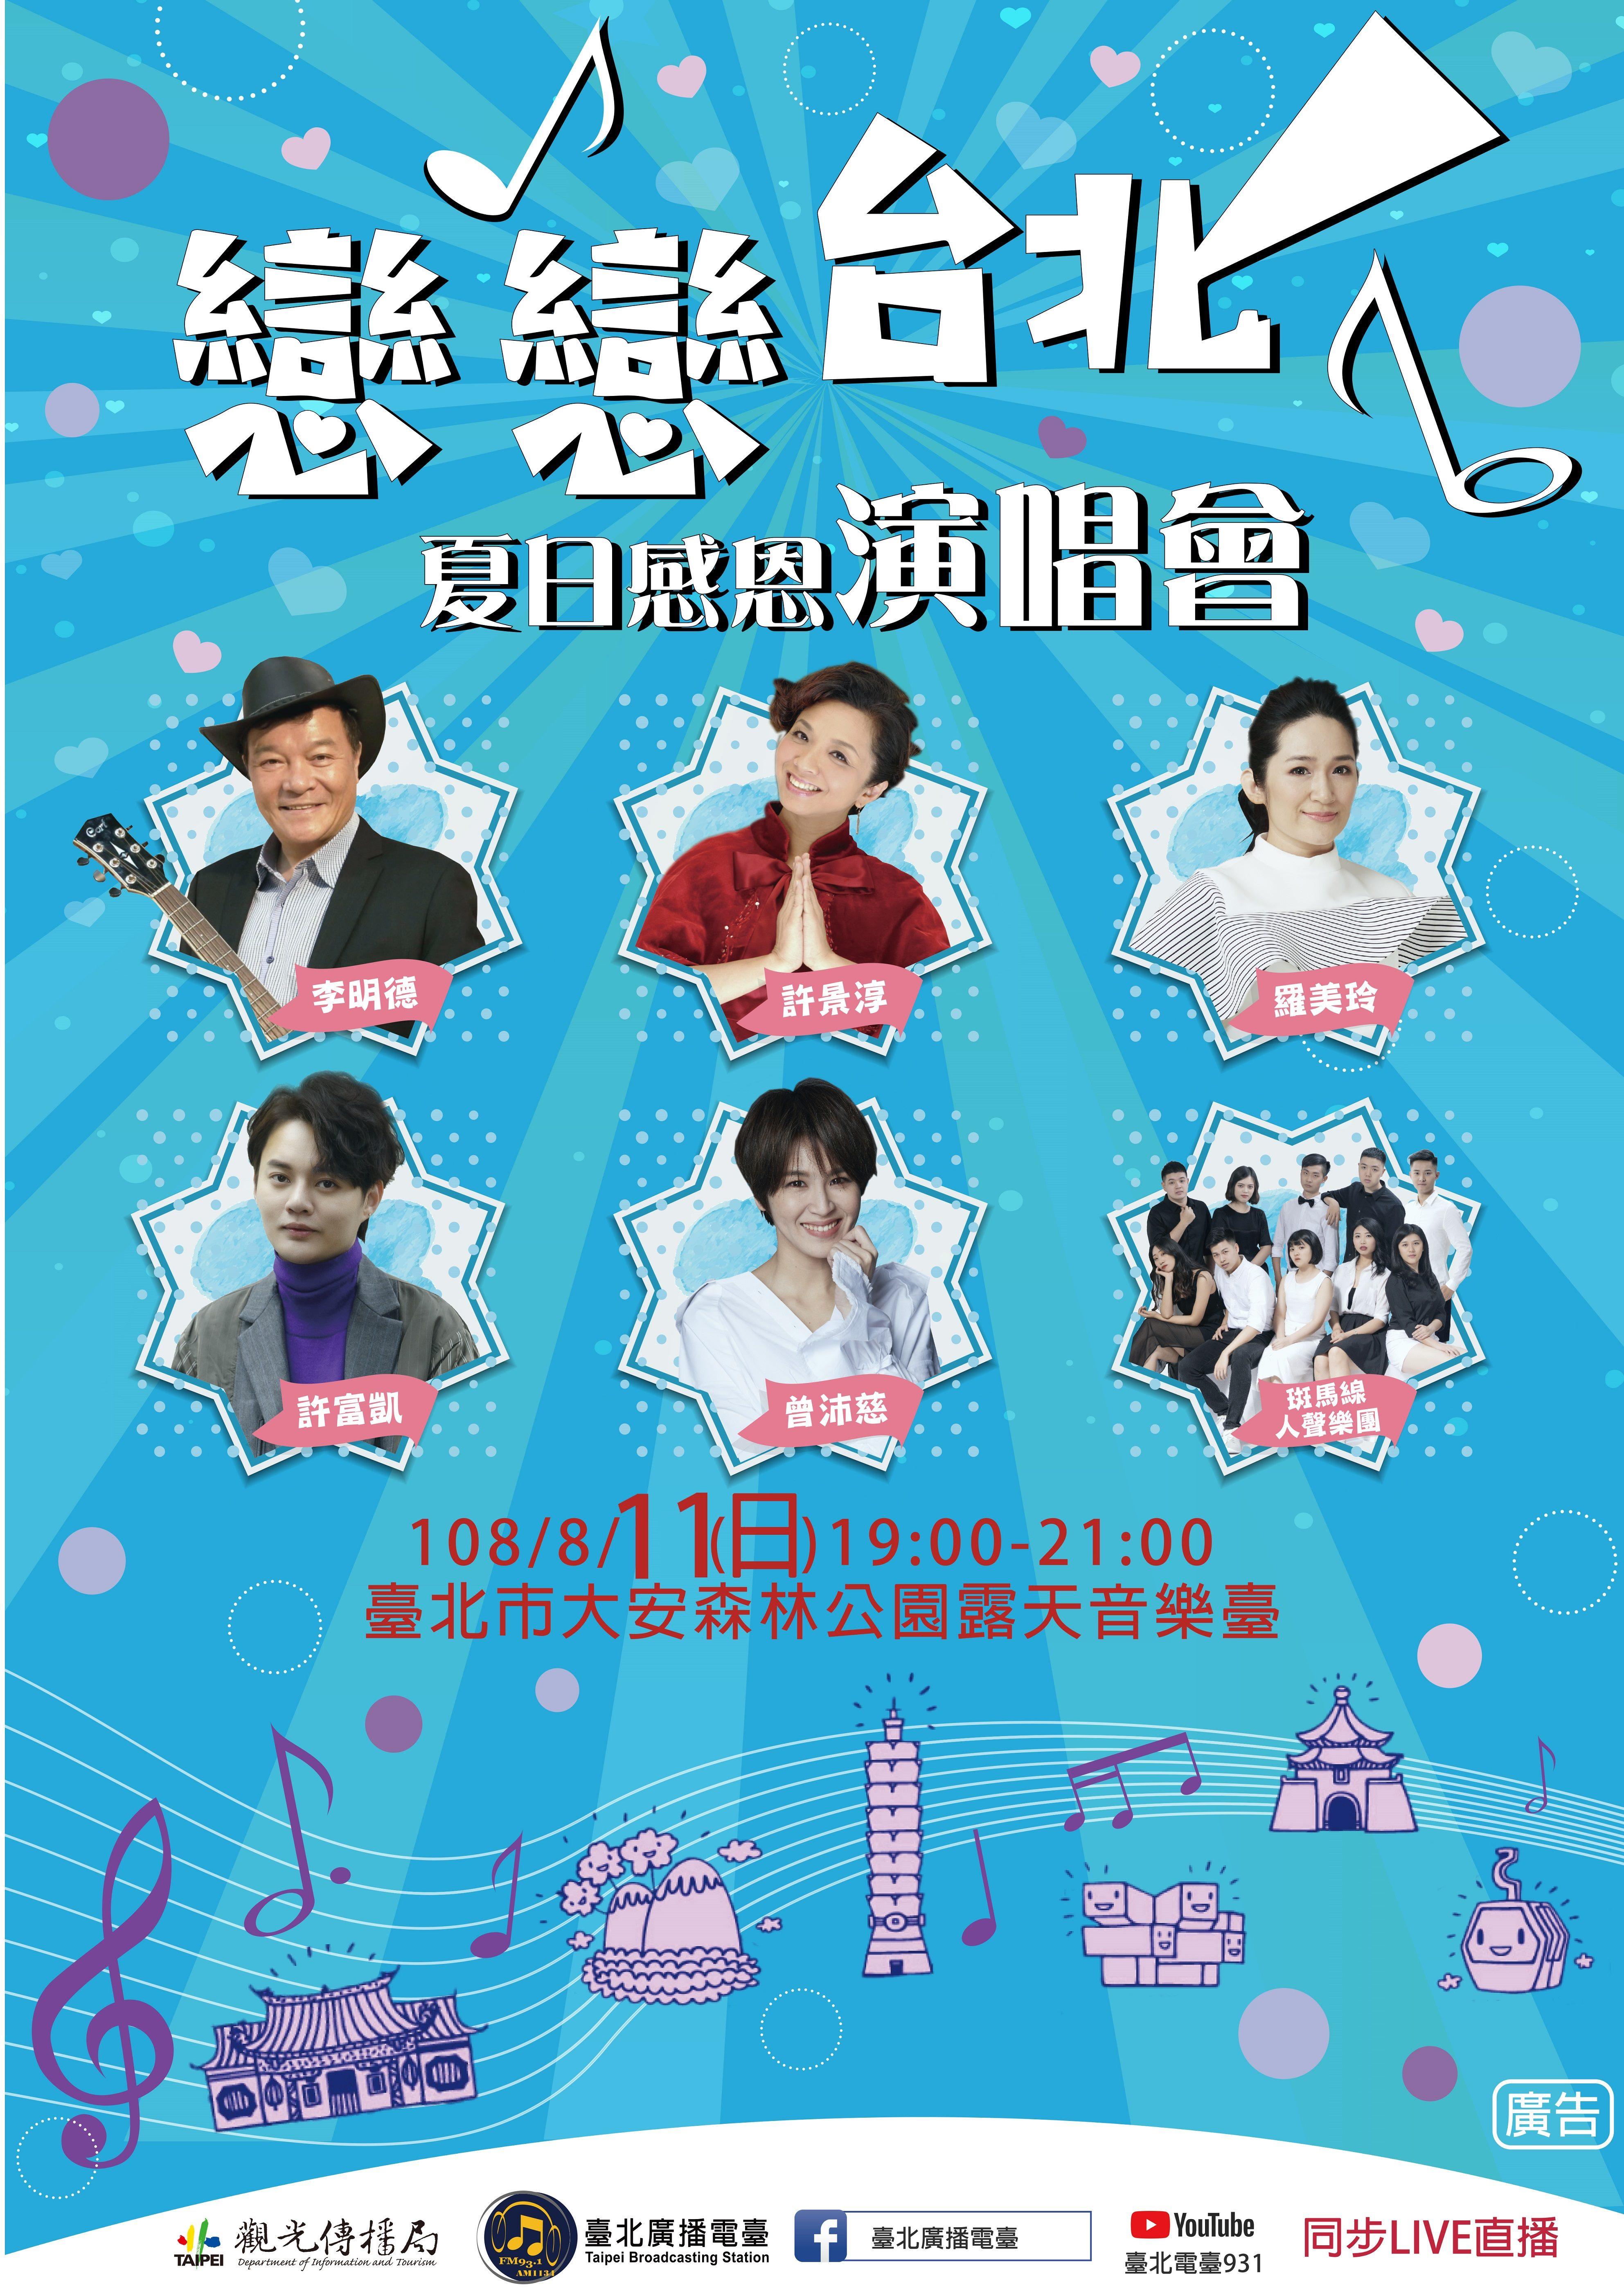 臺北電臺週日大安森林公園舉辦演唱會